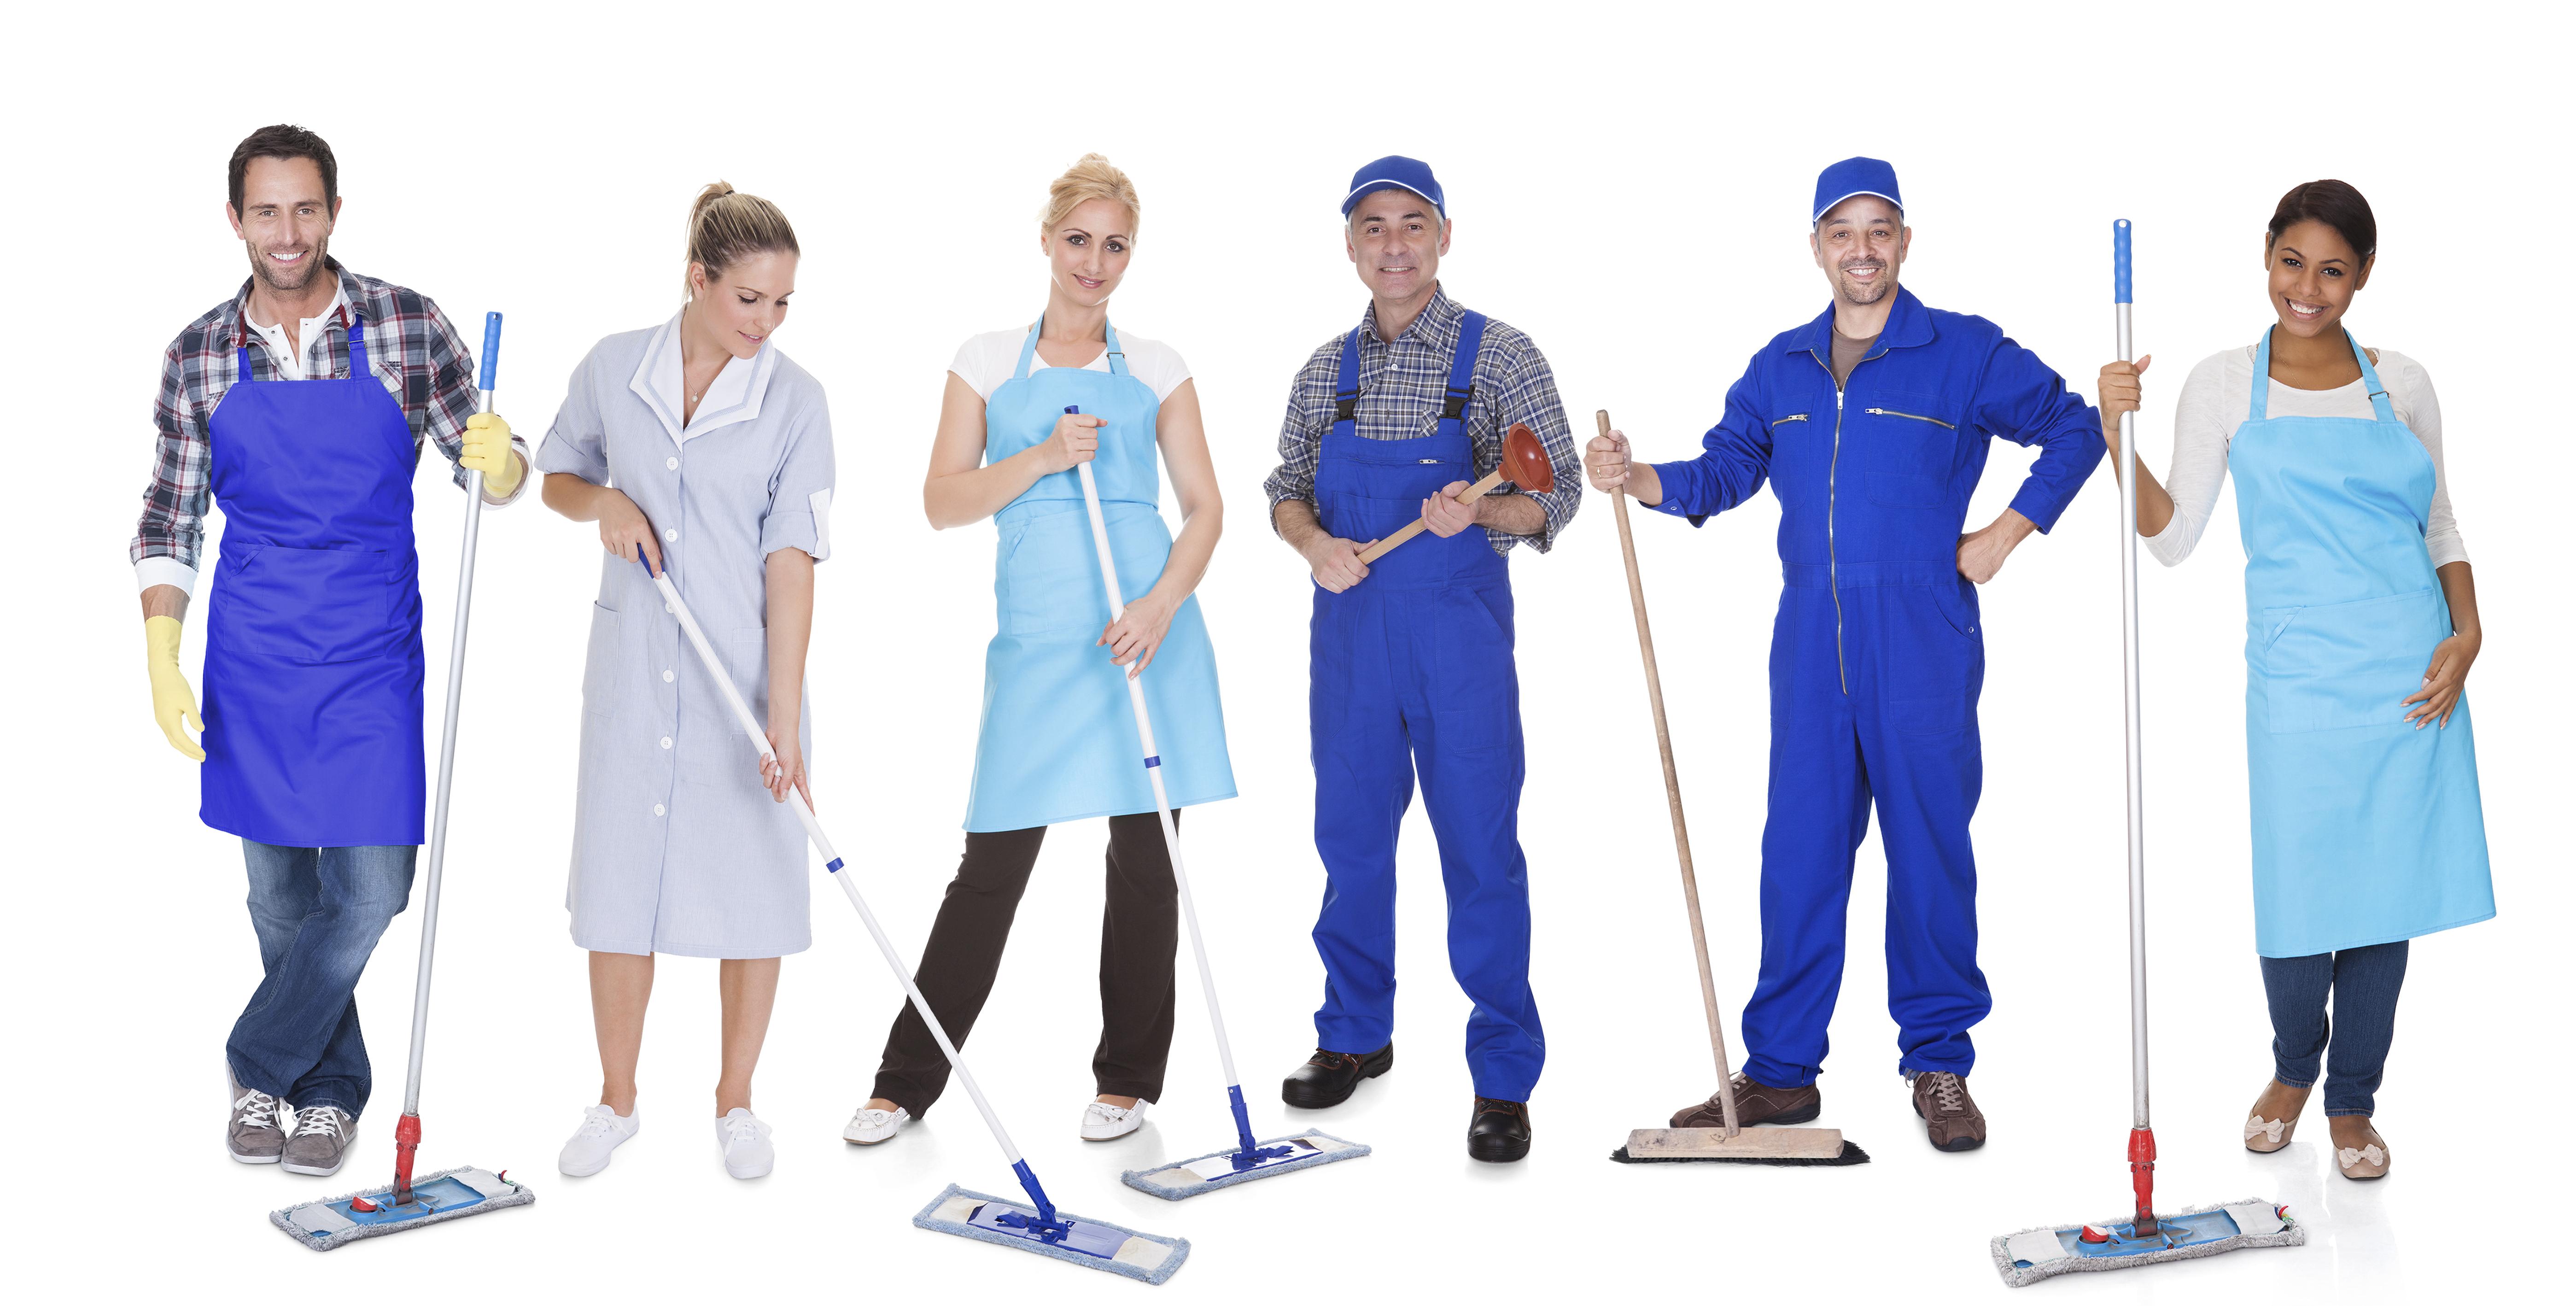 חברת ניקיון עדיפה על עוזרת בית, כן או לא?